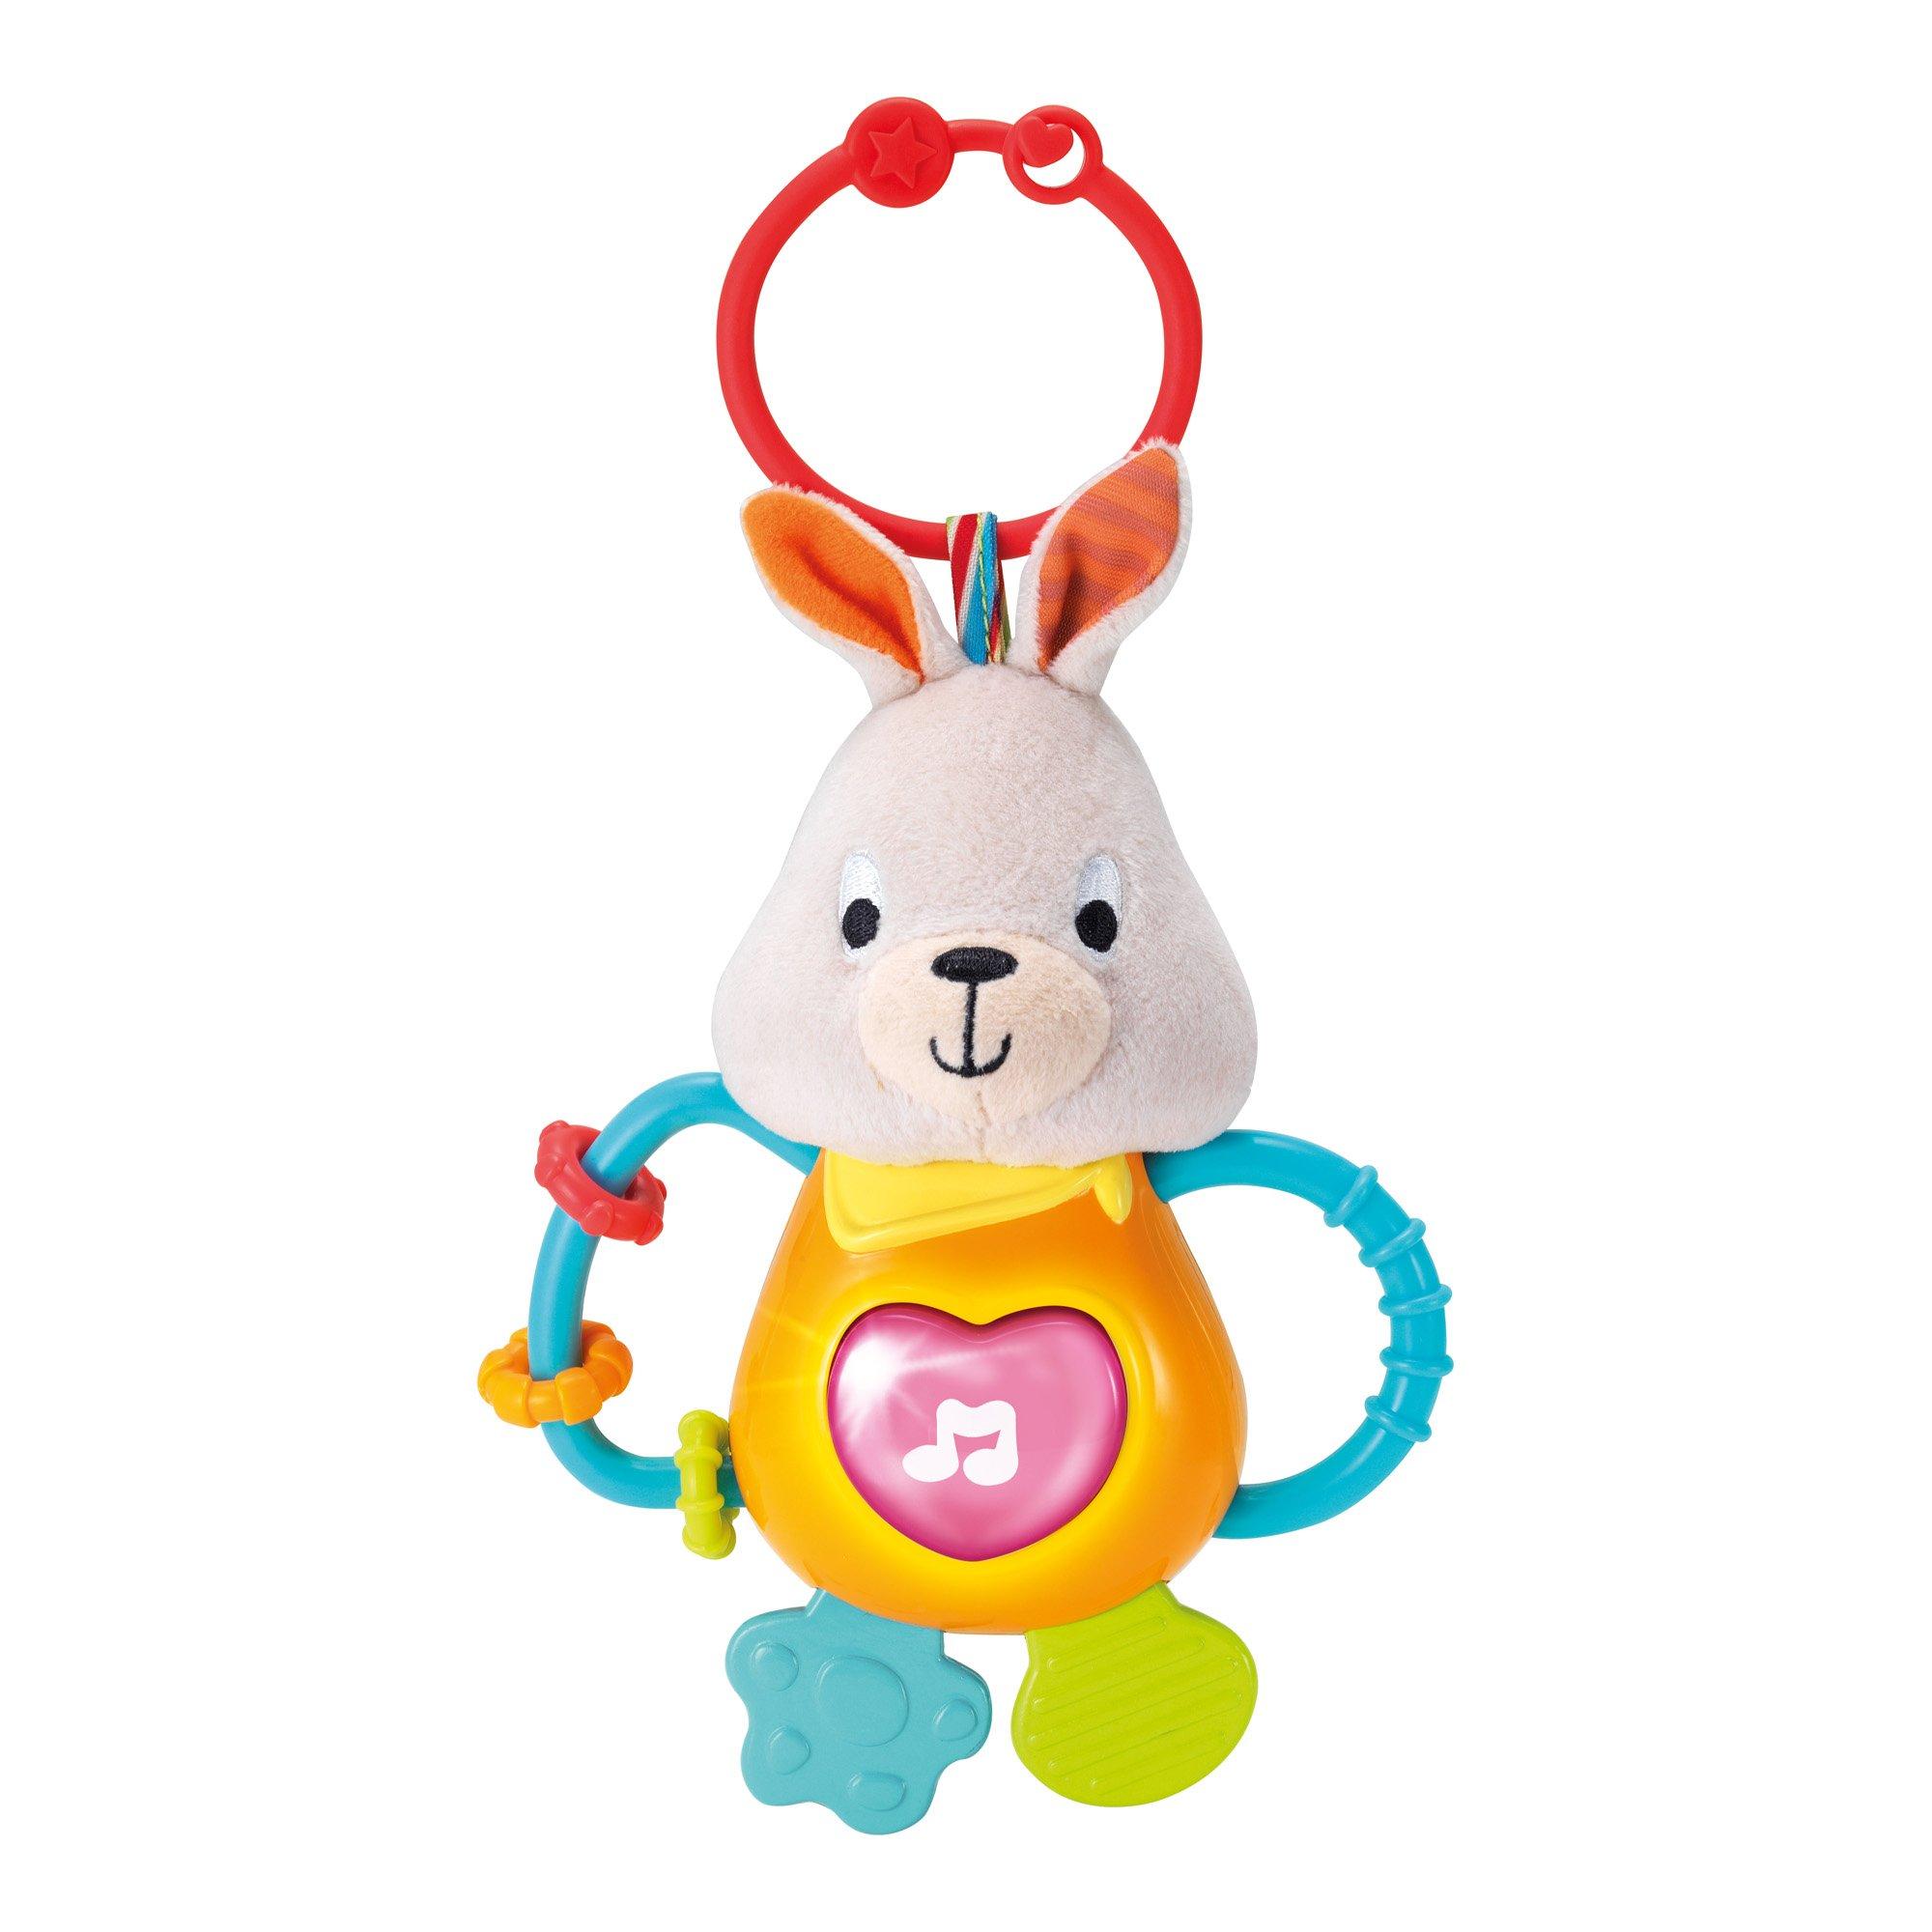 WinFun muzikālā mīkstā rotaļlieta ar zobu riņķi